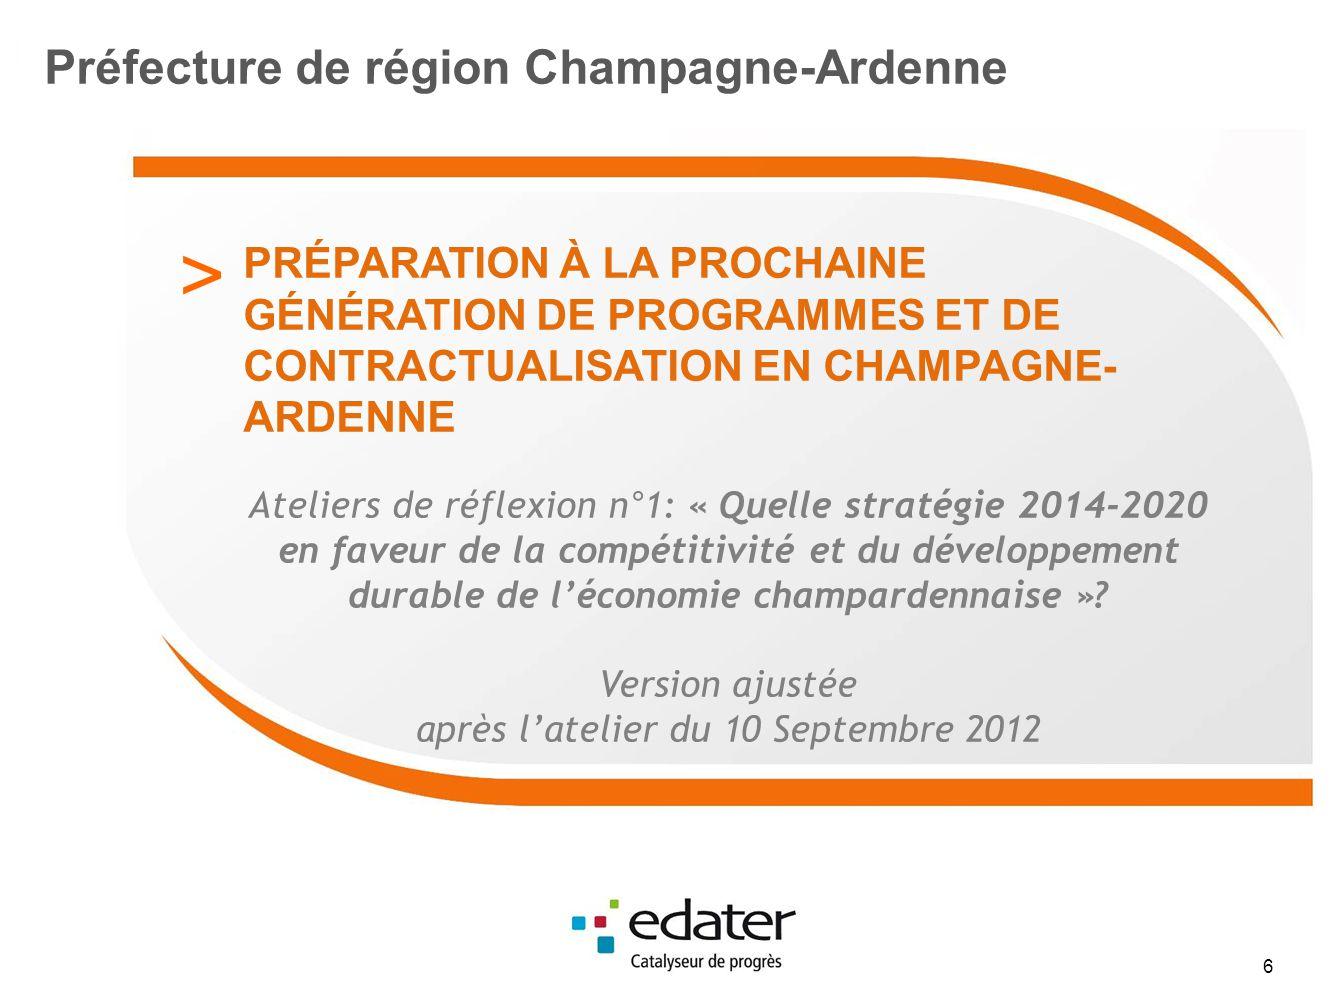 Orientations stratégiques identifiées en matière de R&D et dinnovation R&D et innovation Orientation Stratégique n° 1 : Cibler la R&D vers les domaines les plus porteurs de compétitivité, de croissance et demploi pour léconomie champardennaise Orientation Stratégique n° 2 : Organiser lécosystème de la R&D régionale pour atteindre la rupture technologique dans les domaines stratégiques